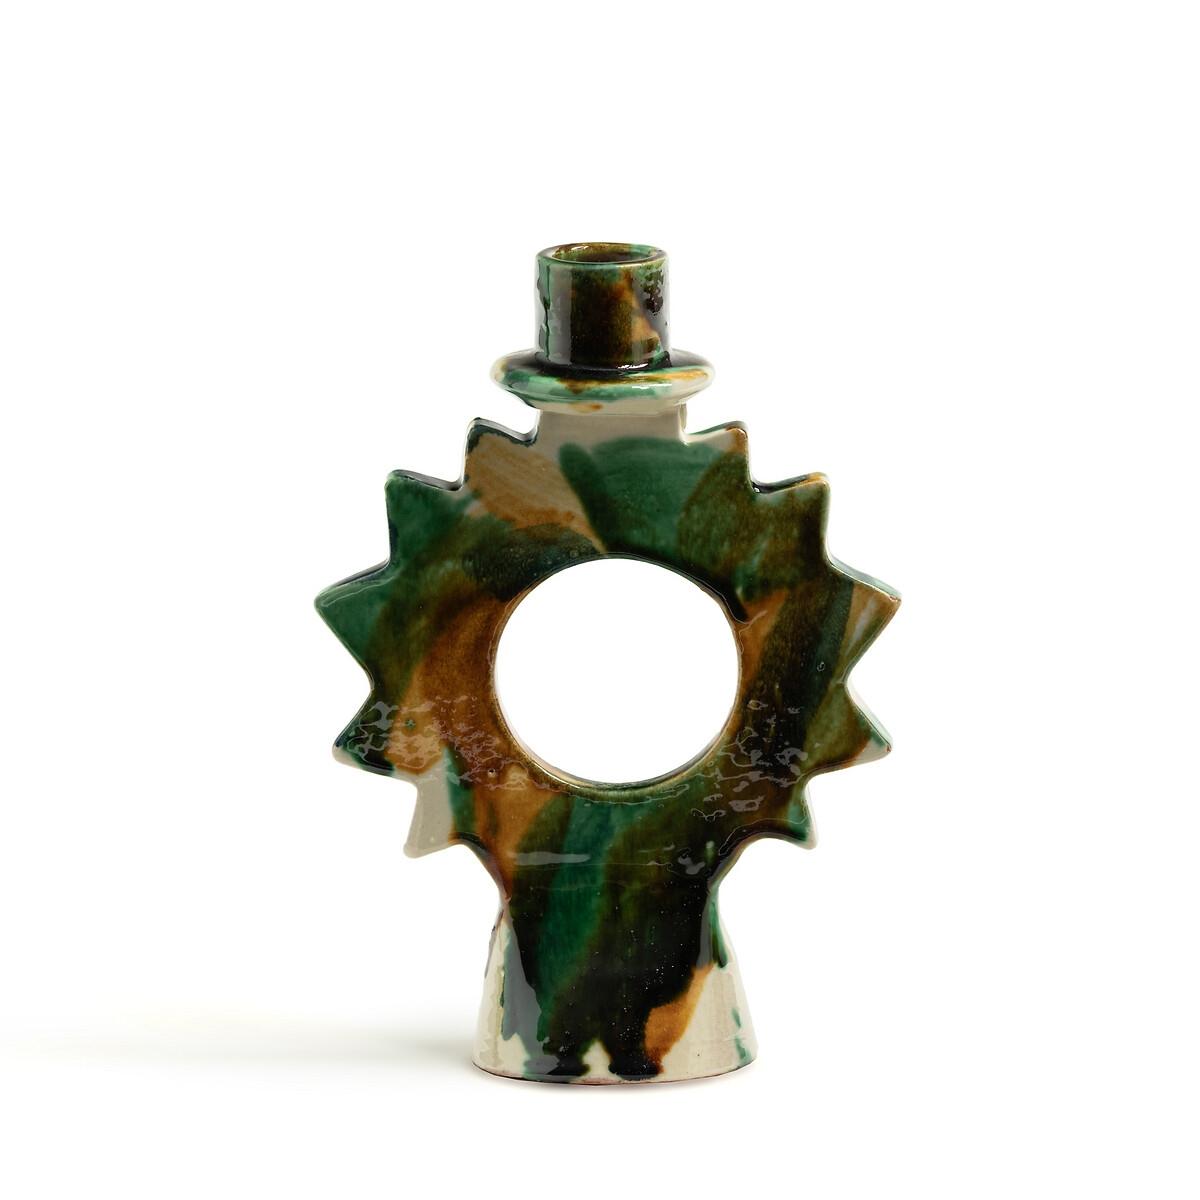 Подсвечник LaRedoute Из эмалированного фаянса В18 см Etoile единый размер зеленый